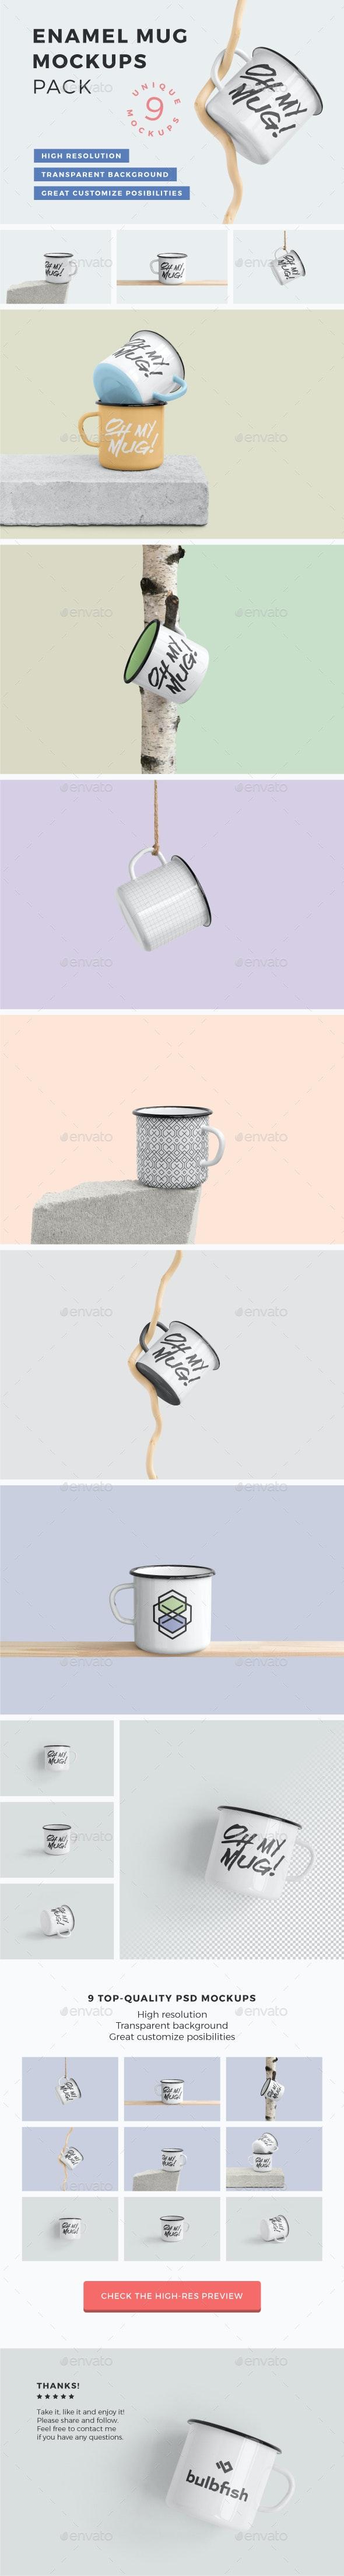 Enamel Mug Mockups Pack - Food and Drink Packaging